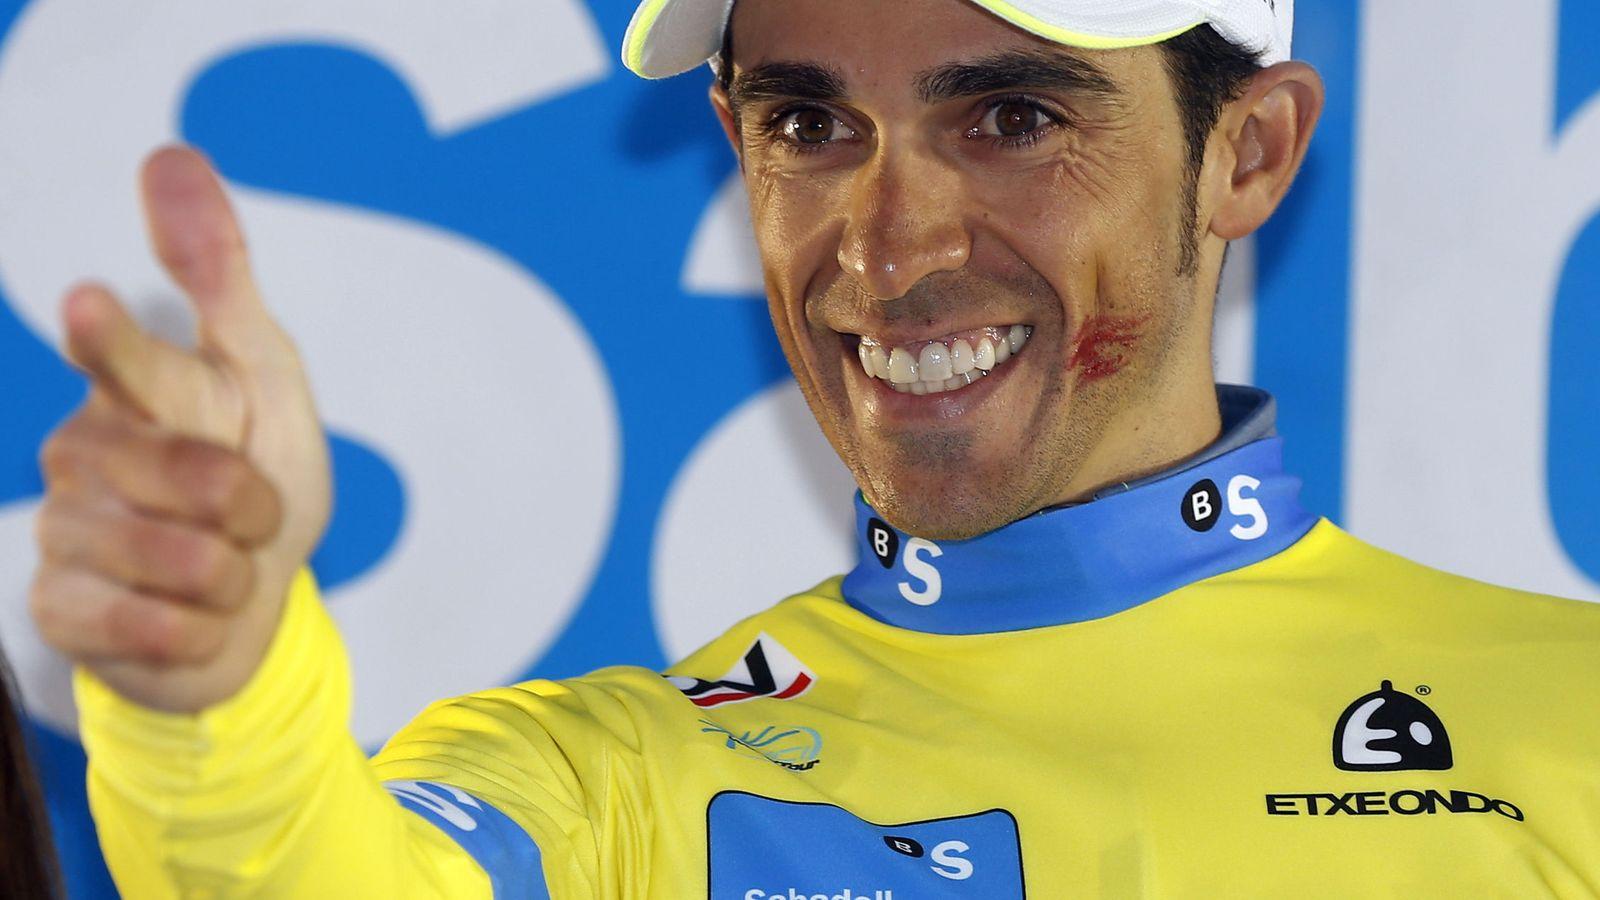 Foto: Alberto Contador aspira a ganar su tercer Tour y afronta esta nueva edición con inmejorables expectativas. (EFE)